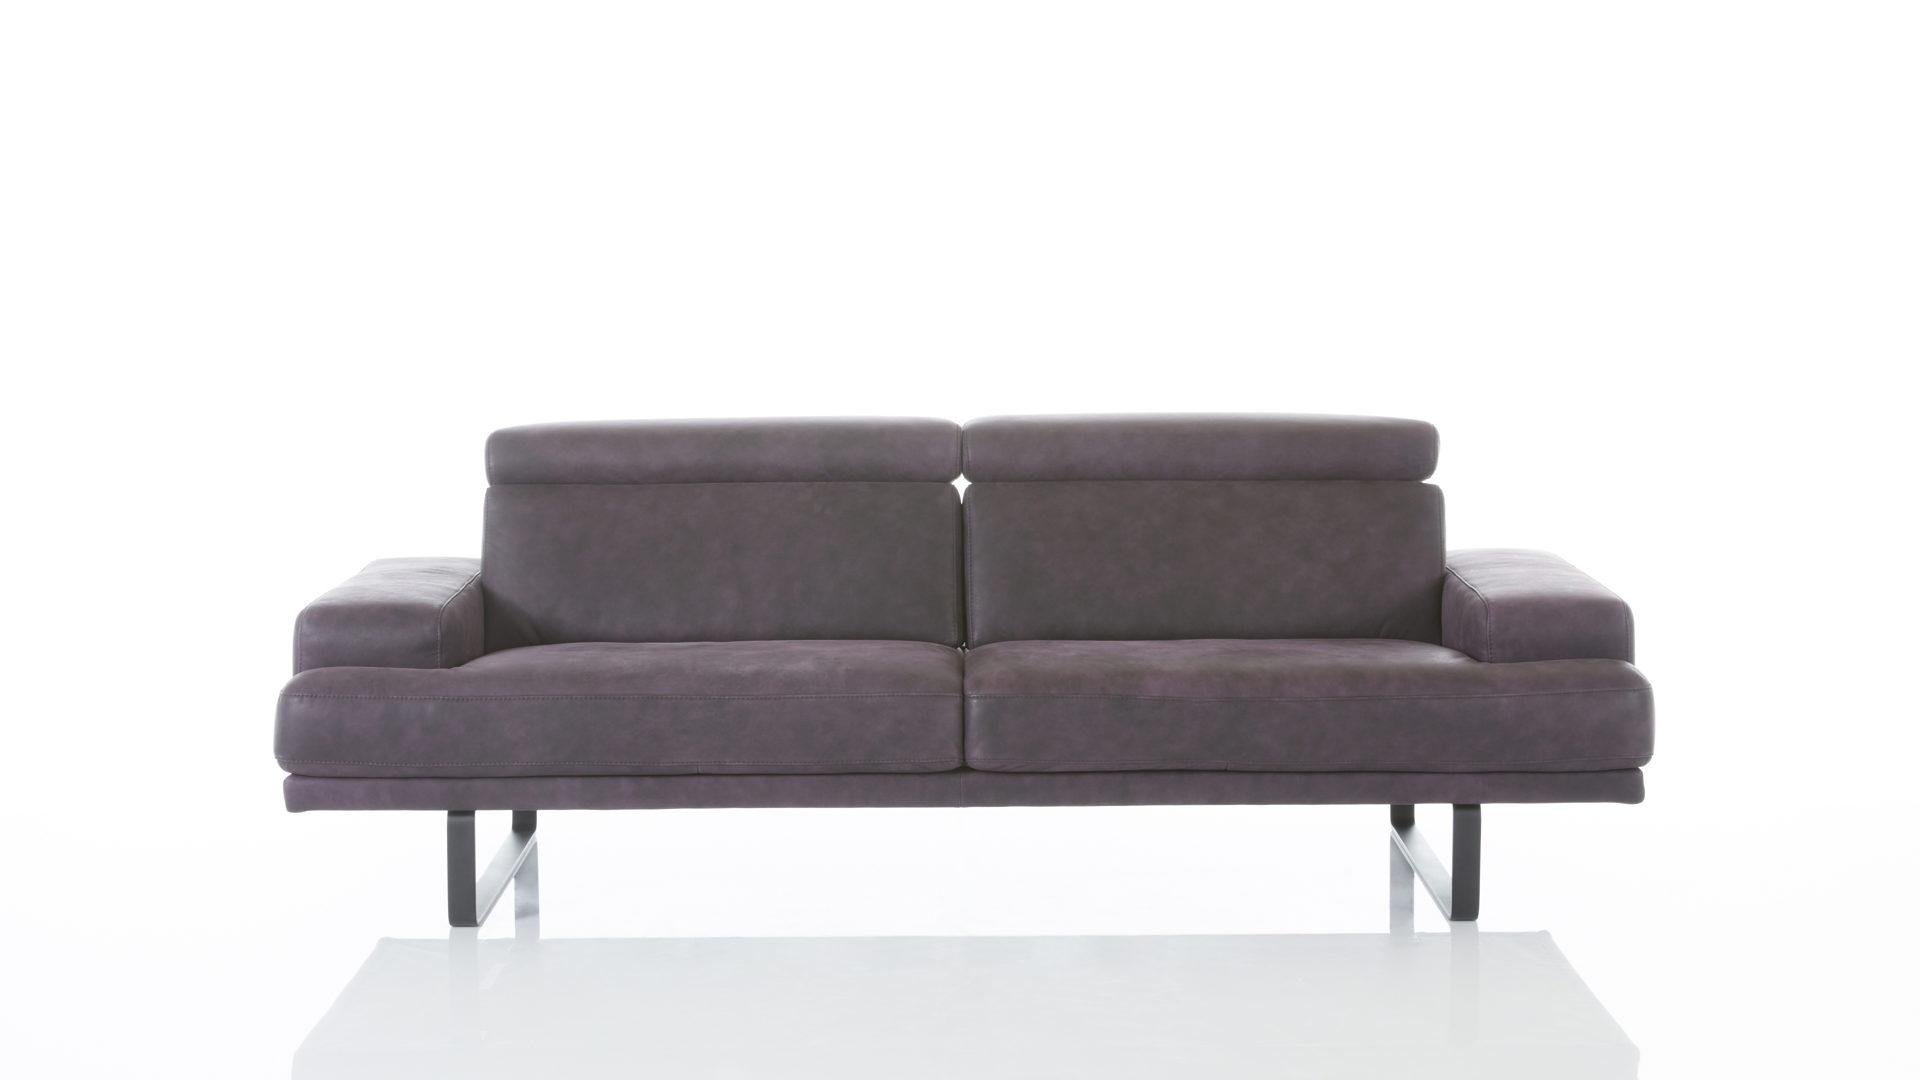 Schlafsofa ecksofa leder  Wohnland Breitwieser   Suchergebnis für couch   Funktionssofa ...